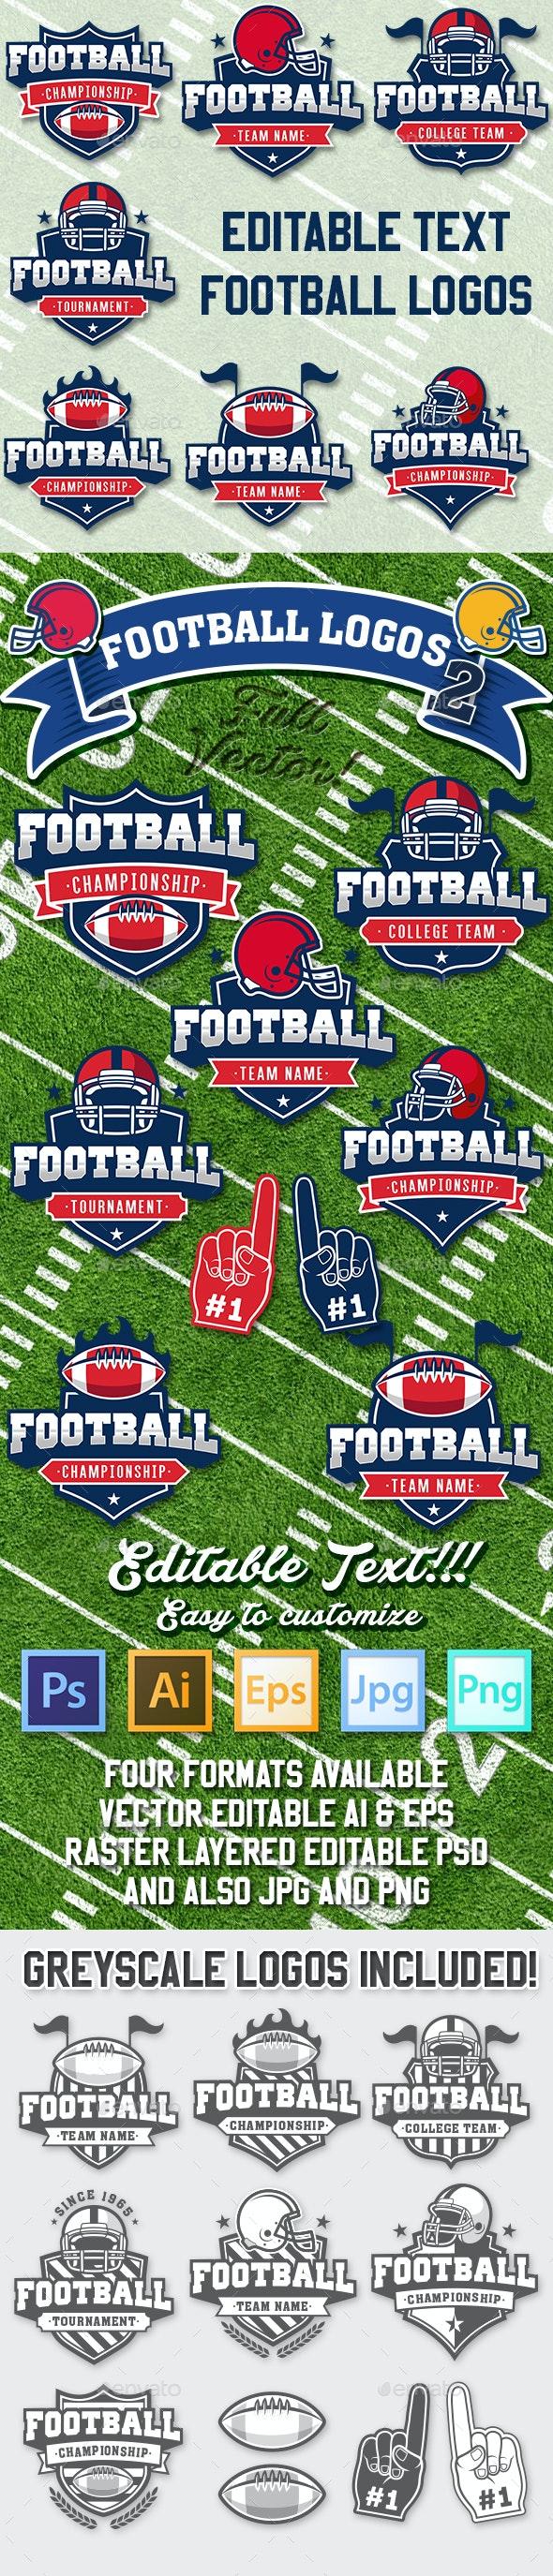 American Football Vector Logos Vol.2 - Sports/Activity Conceptual